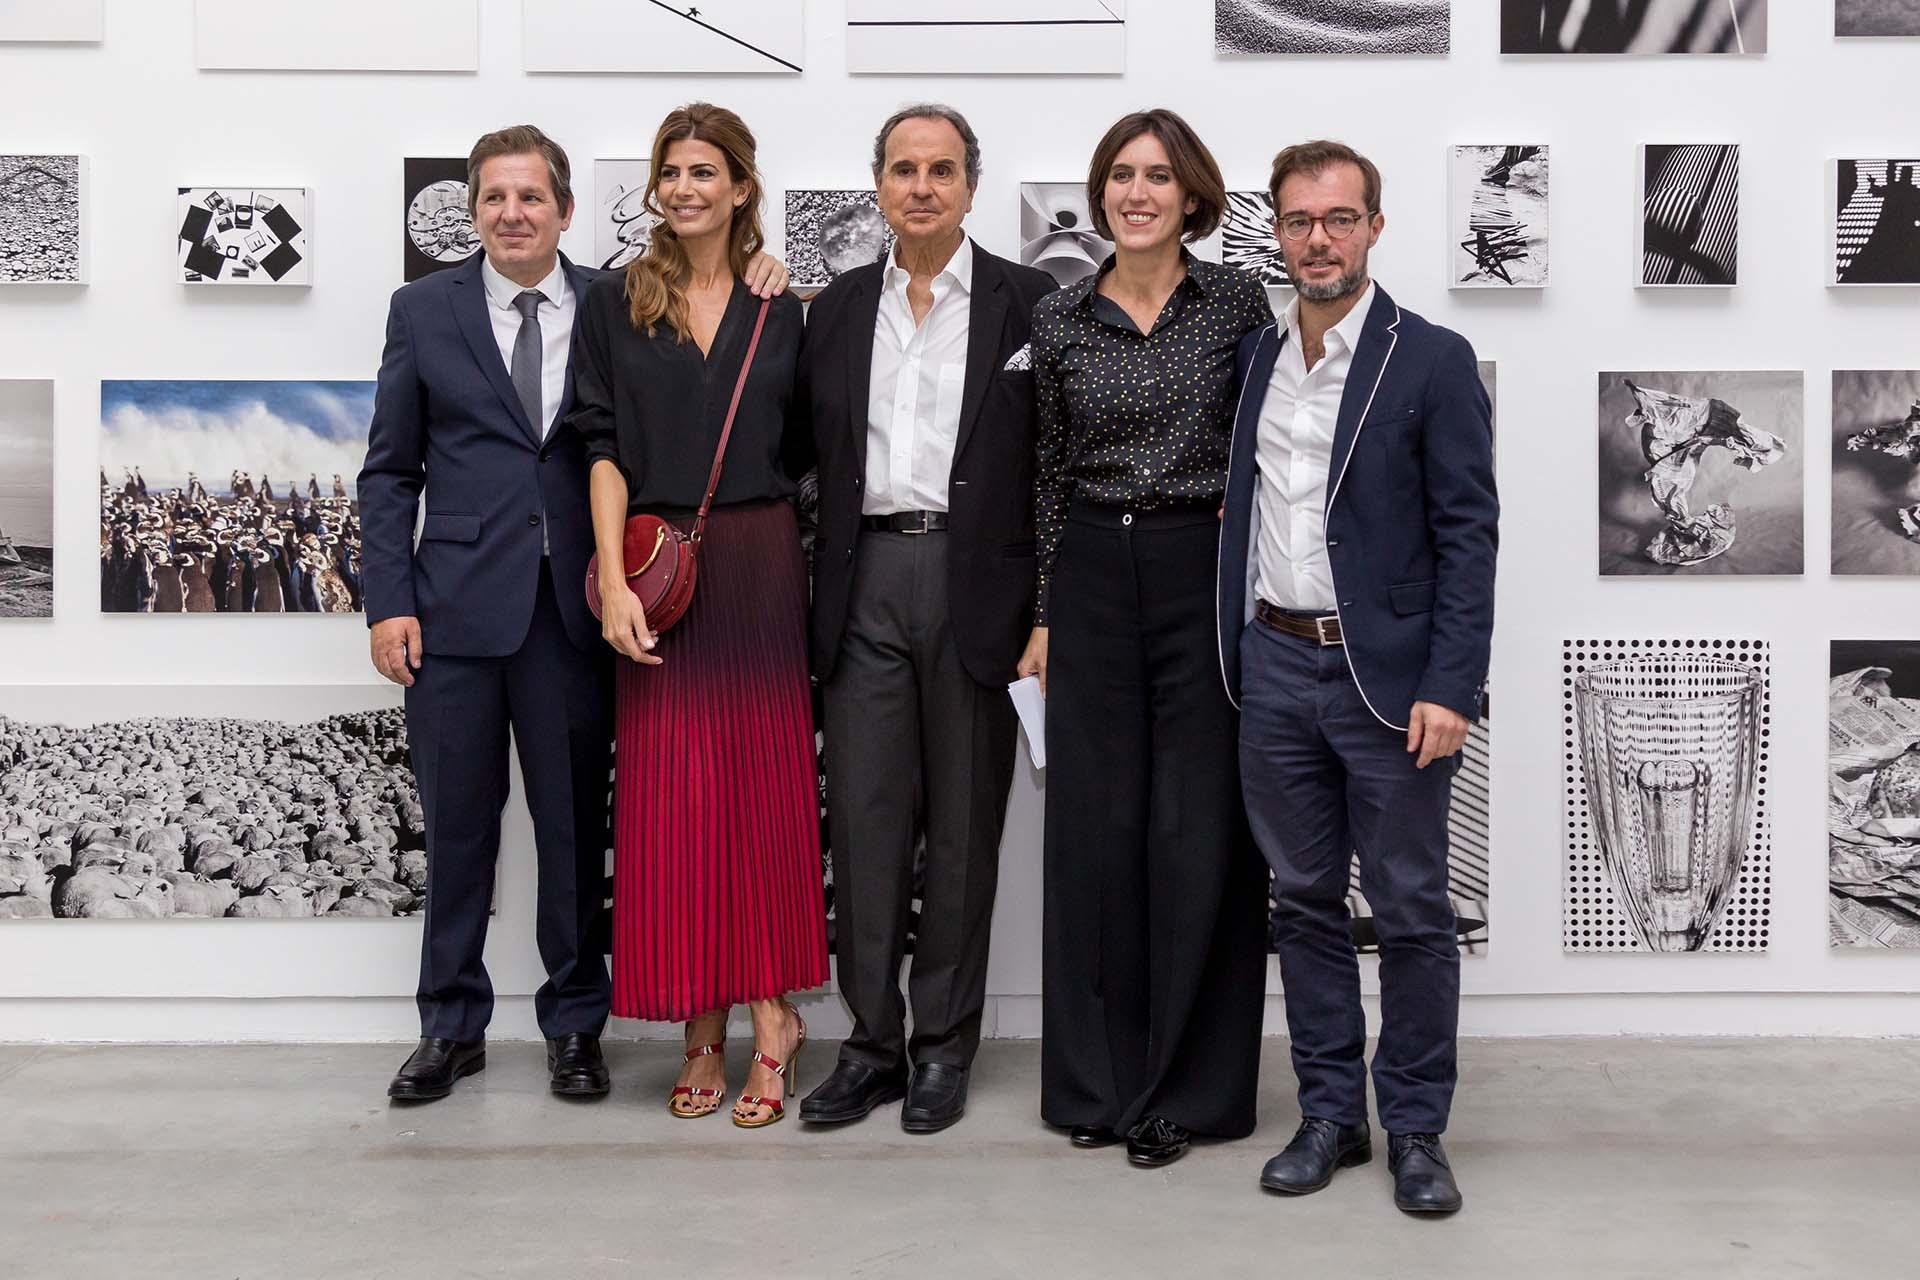 Luis Sessa, Juliana Awada, Aldo Sessa, Victoria Noorthoorn y Enrique Avogadro